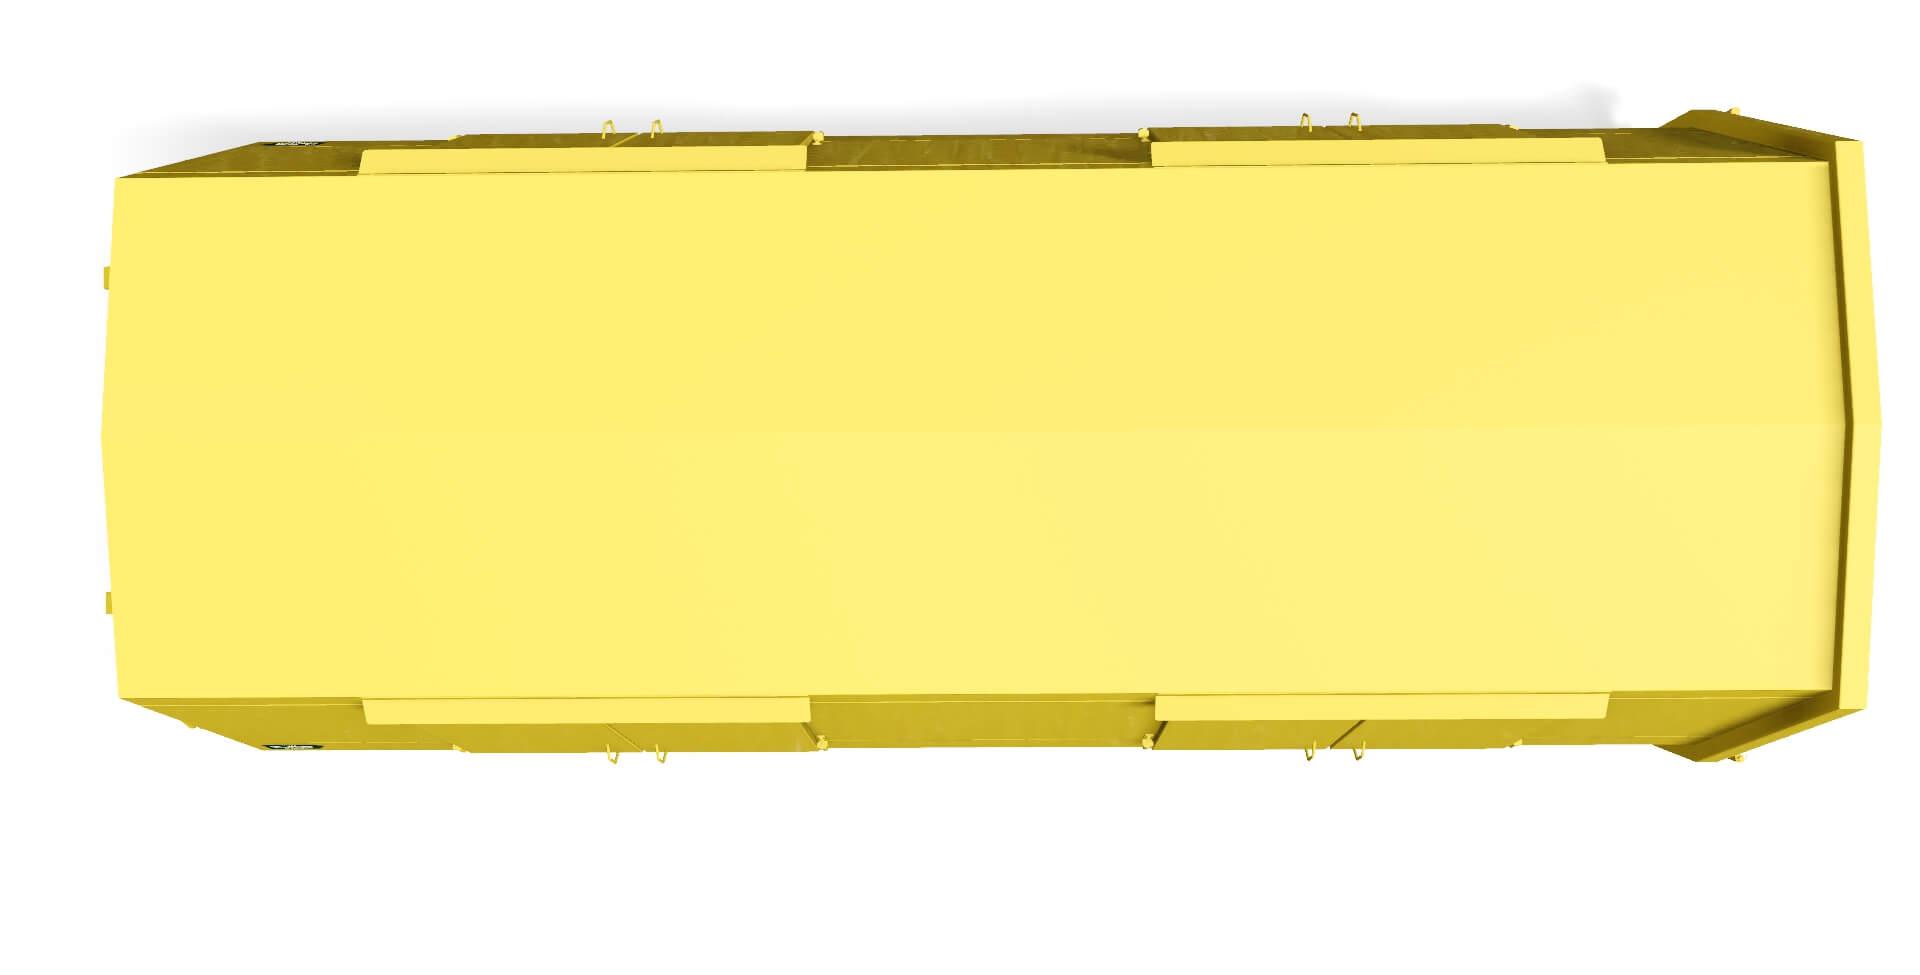 LV-L 15 ovan